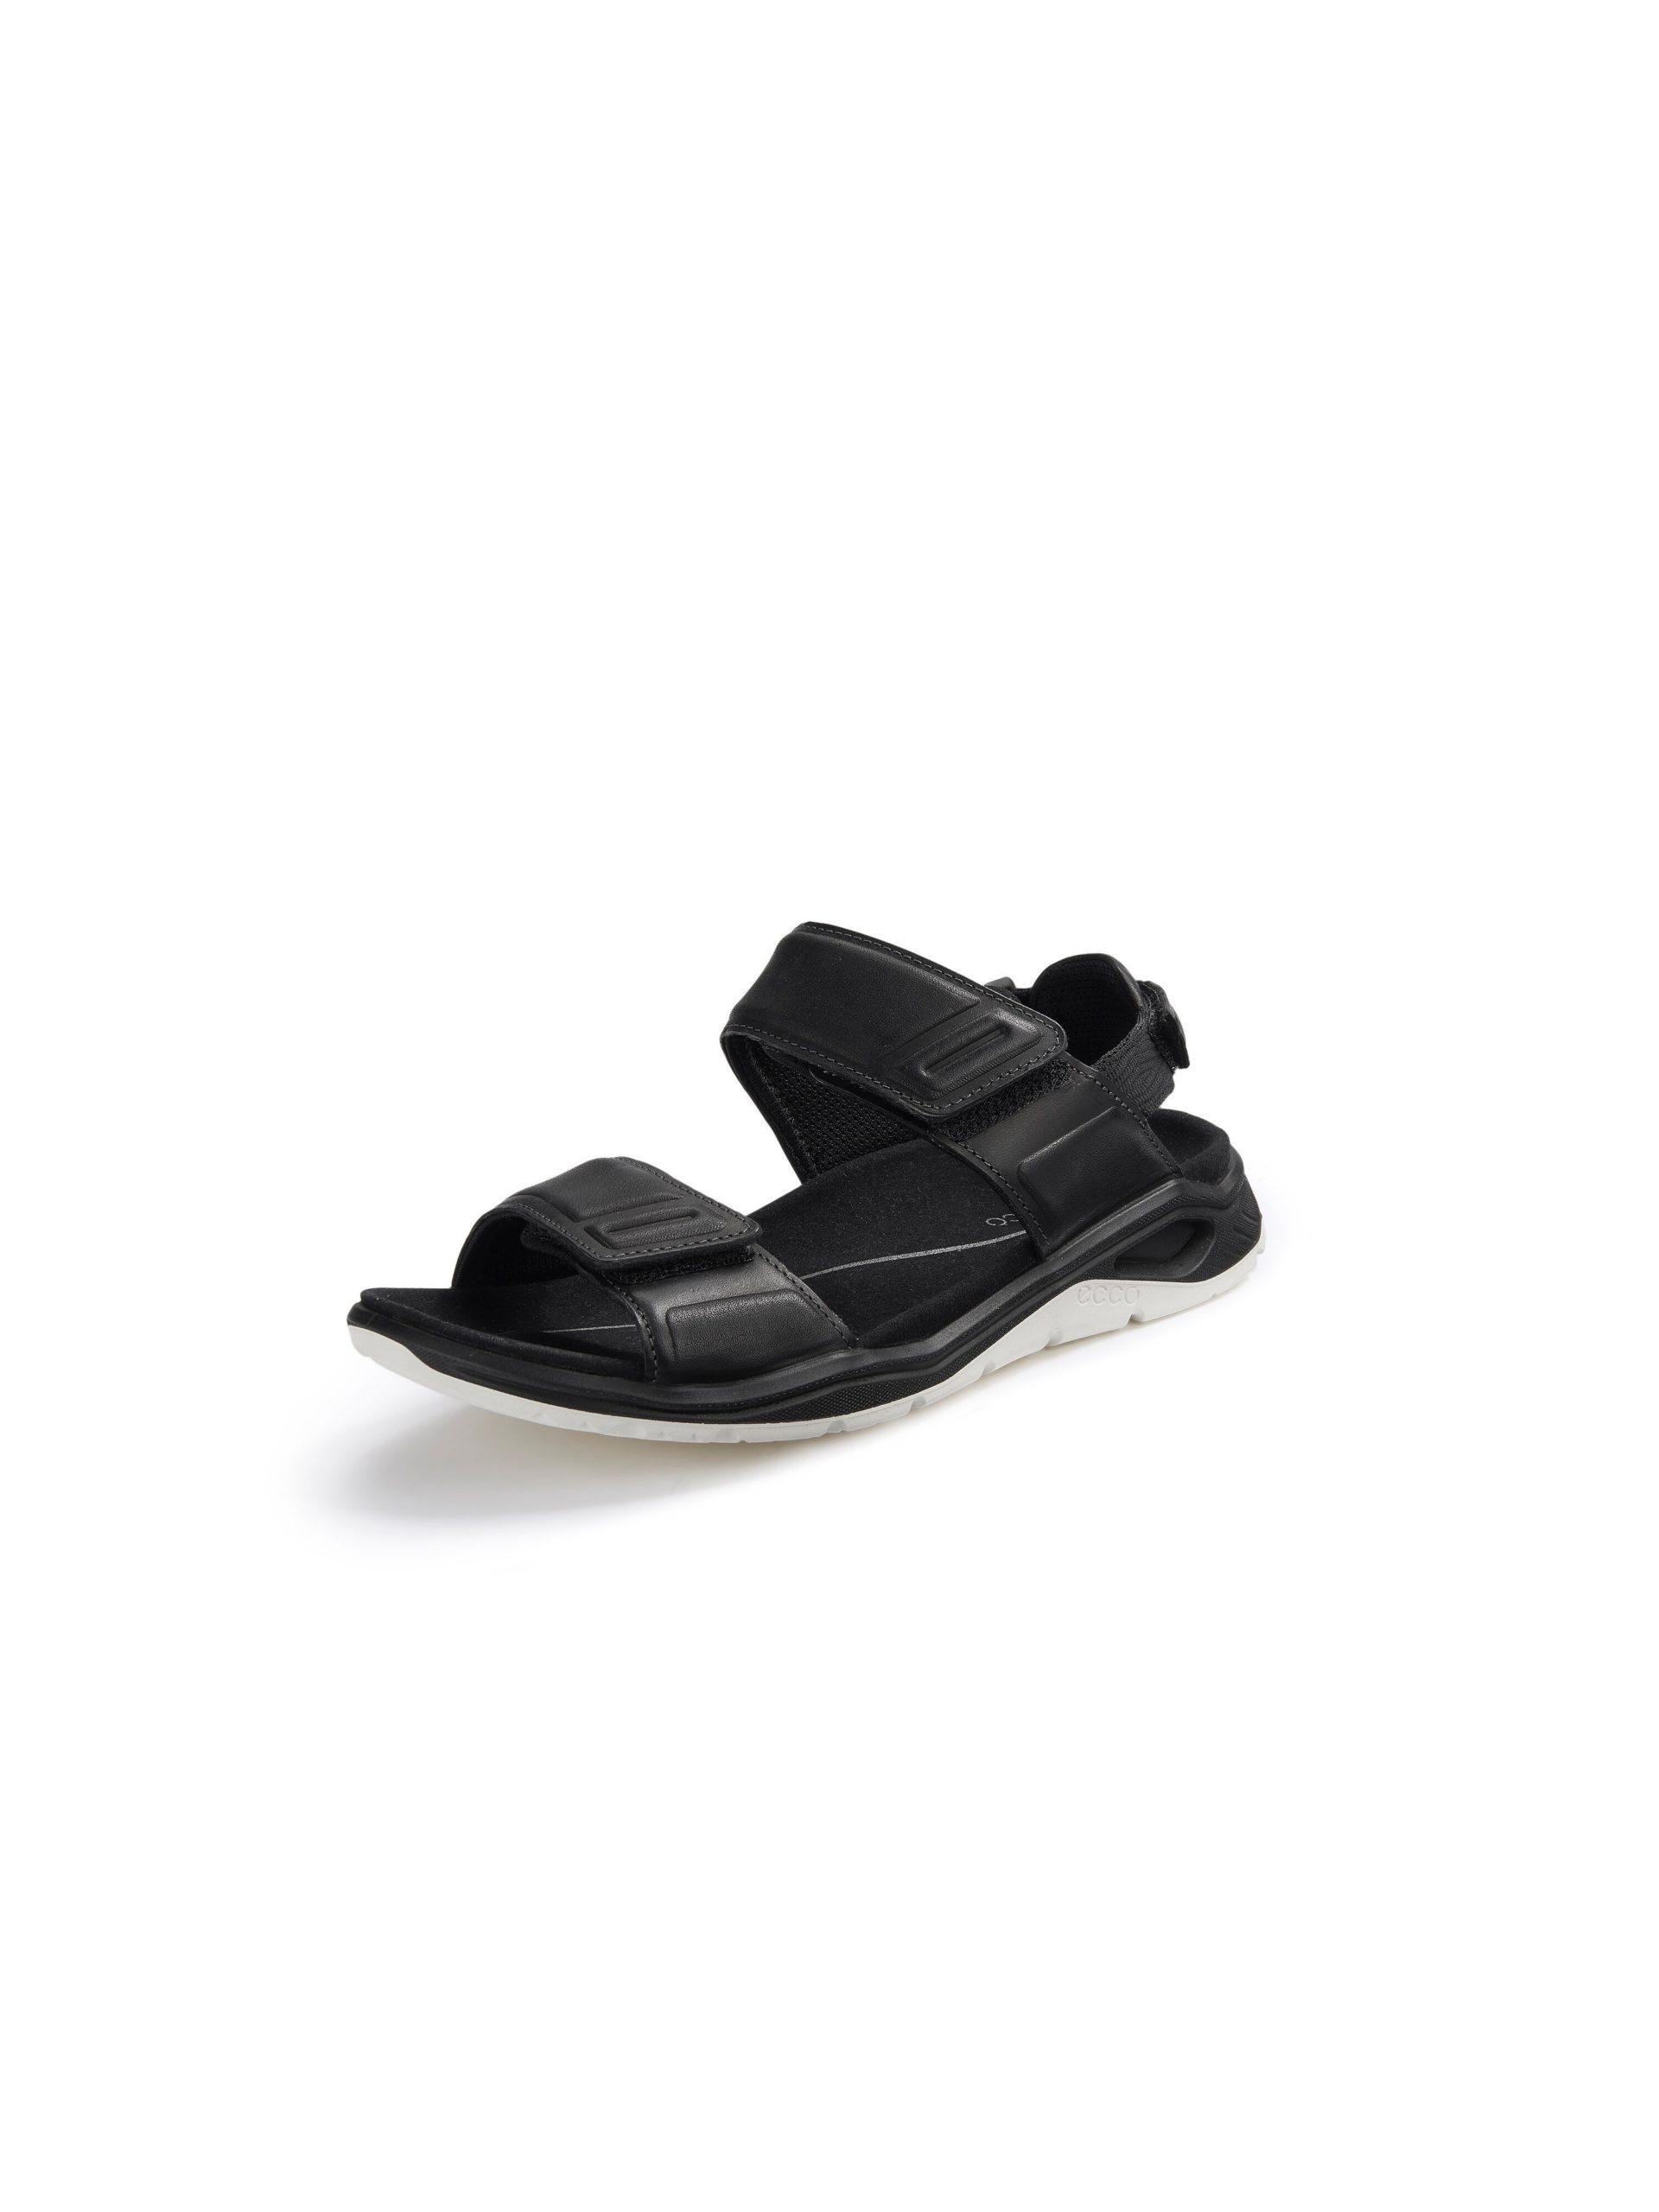 Sandalen model X-Trinsic Van Ecco zwart Kopen